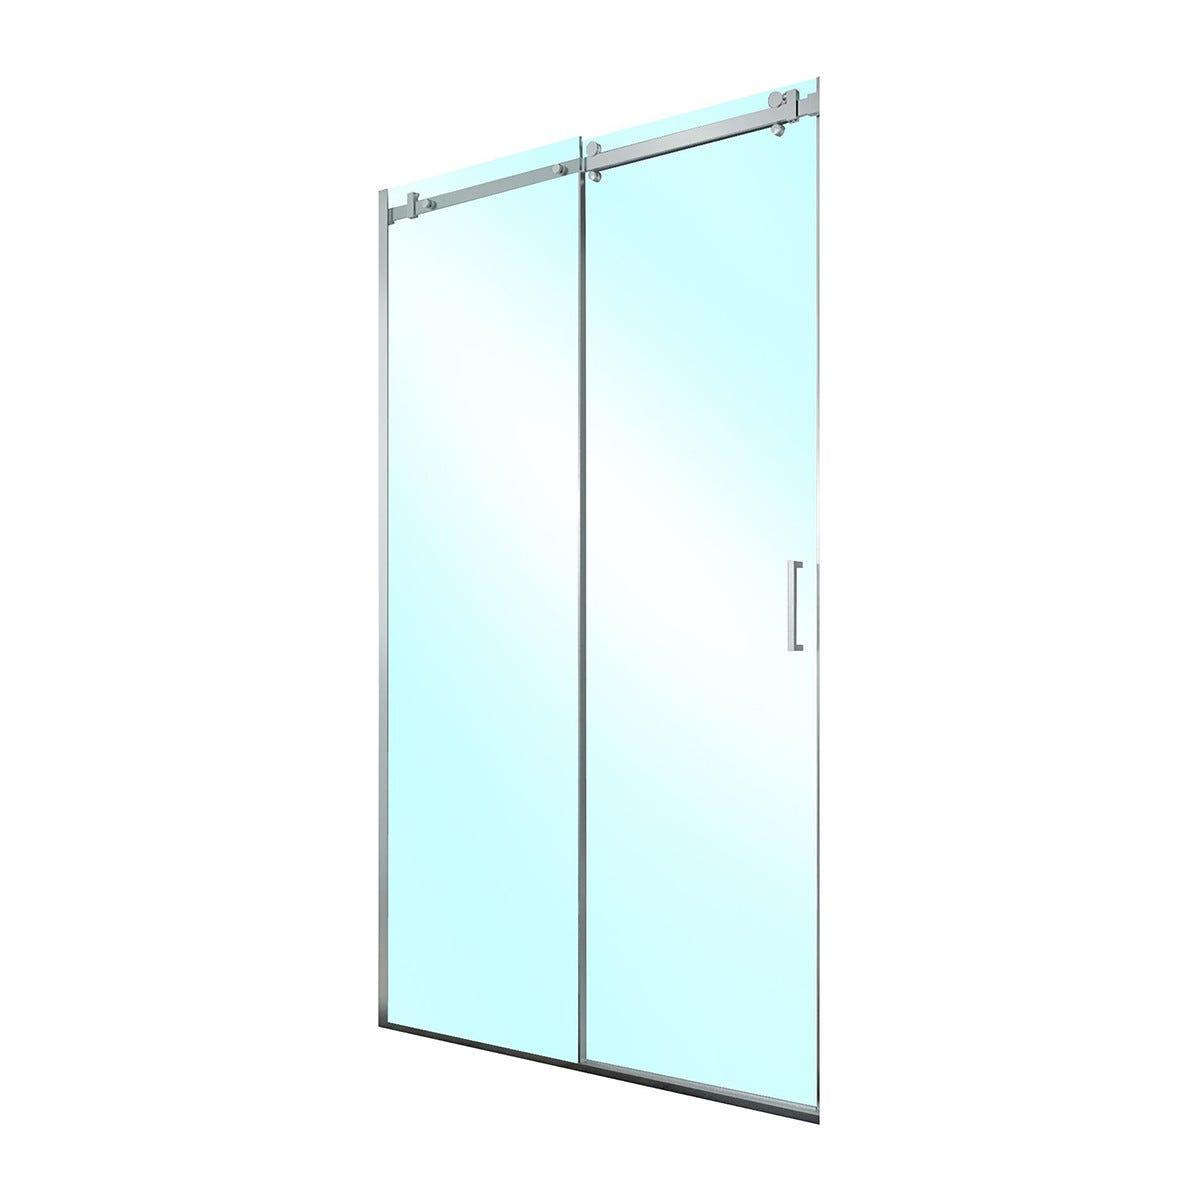 porta doccia roller scorrevole 137-139,5 h200cm vetro temperato  8mm trasparente profili cromati